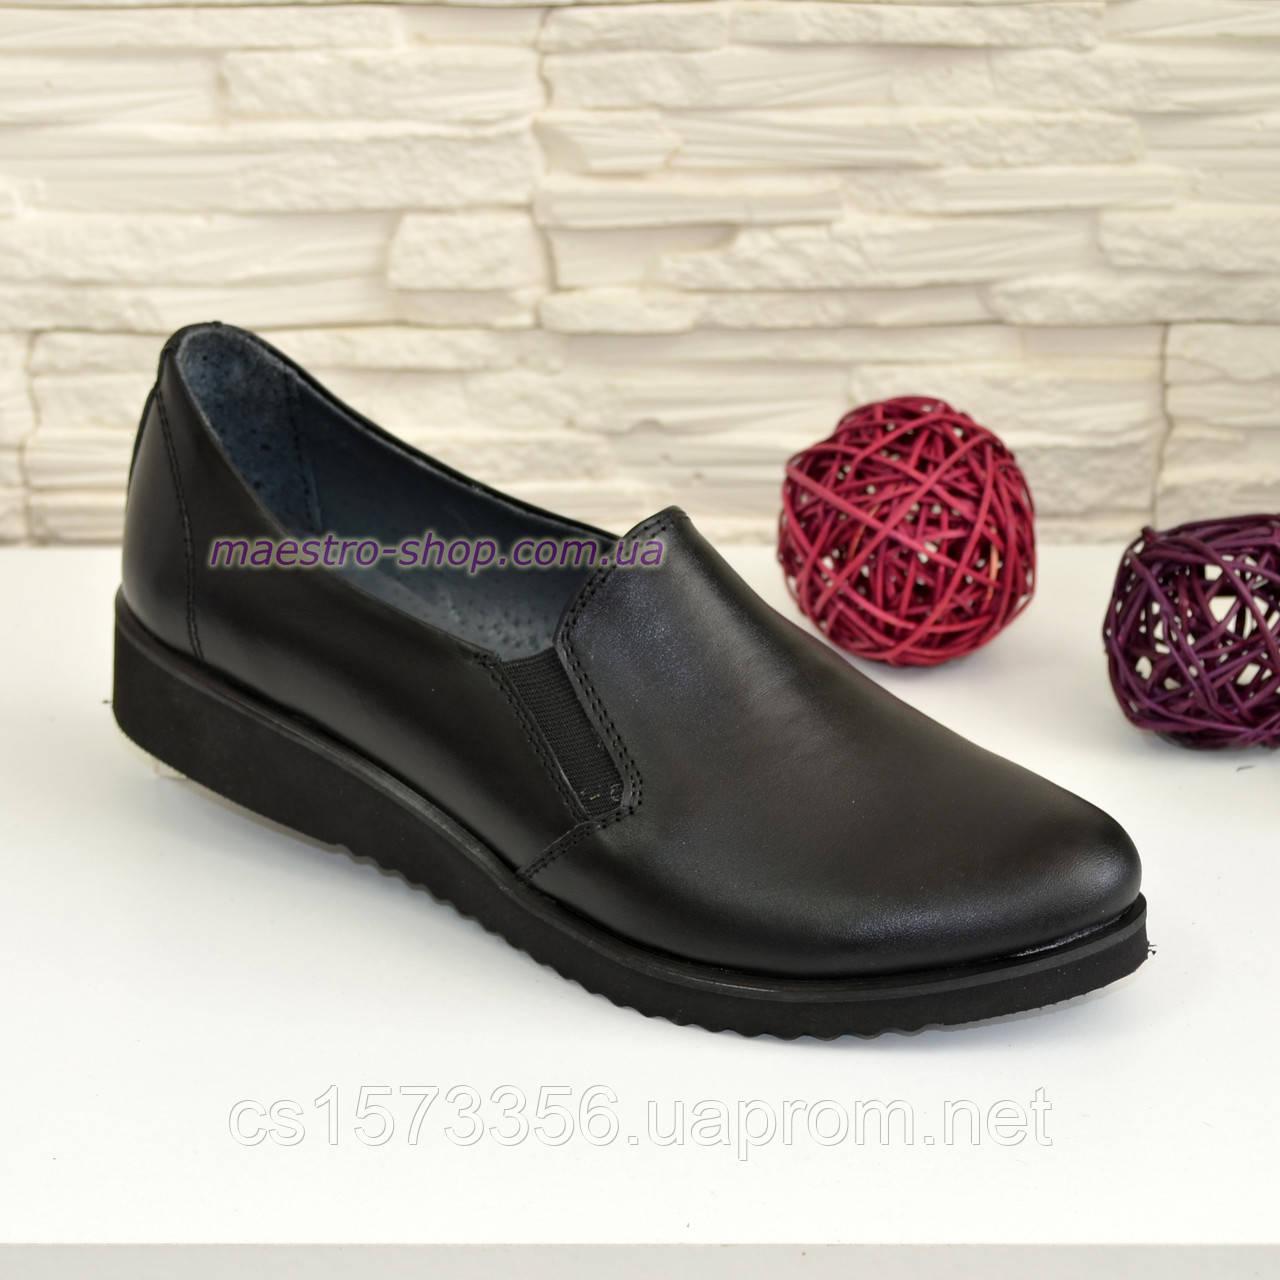 Туфли женские на утолщенной подошве, натуральная кожа черного цвета